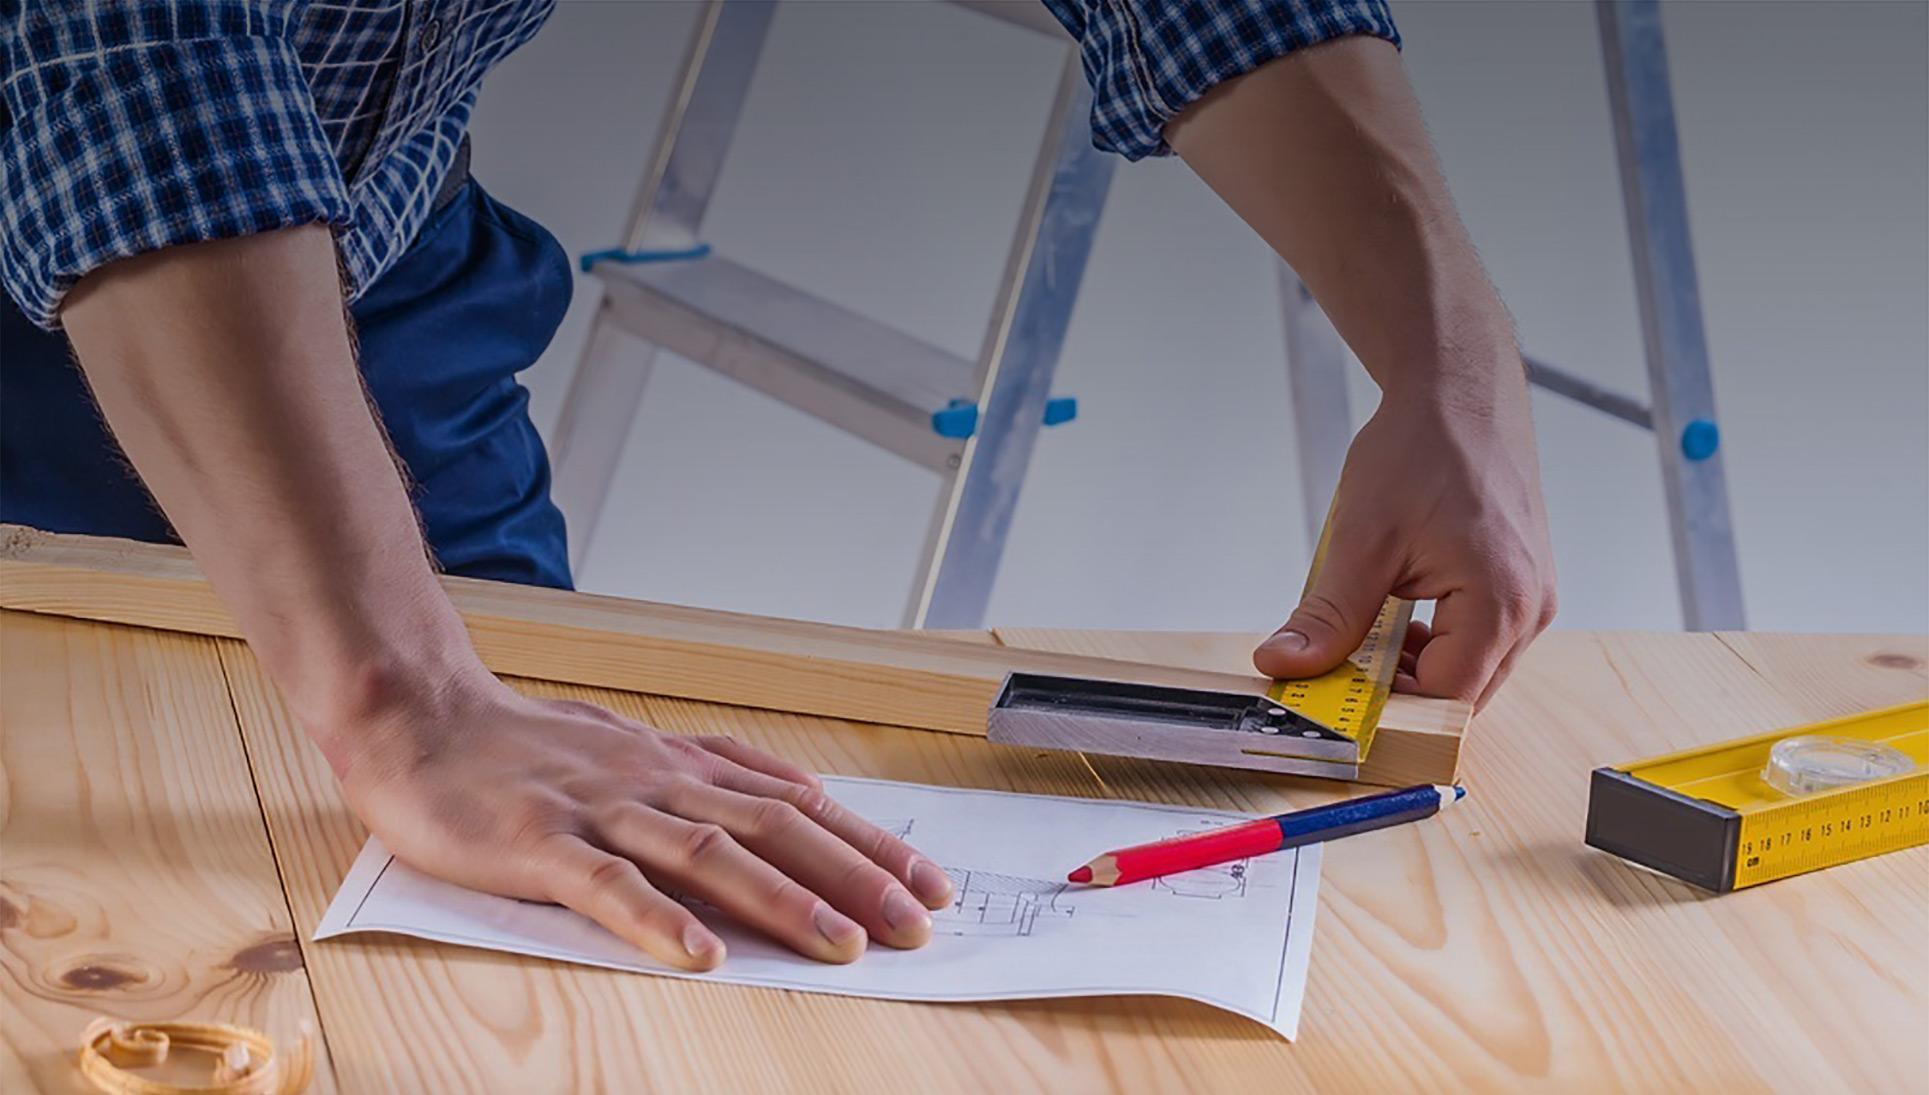 Obras em casa com qualidade superior